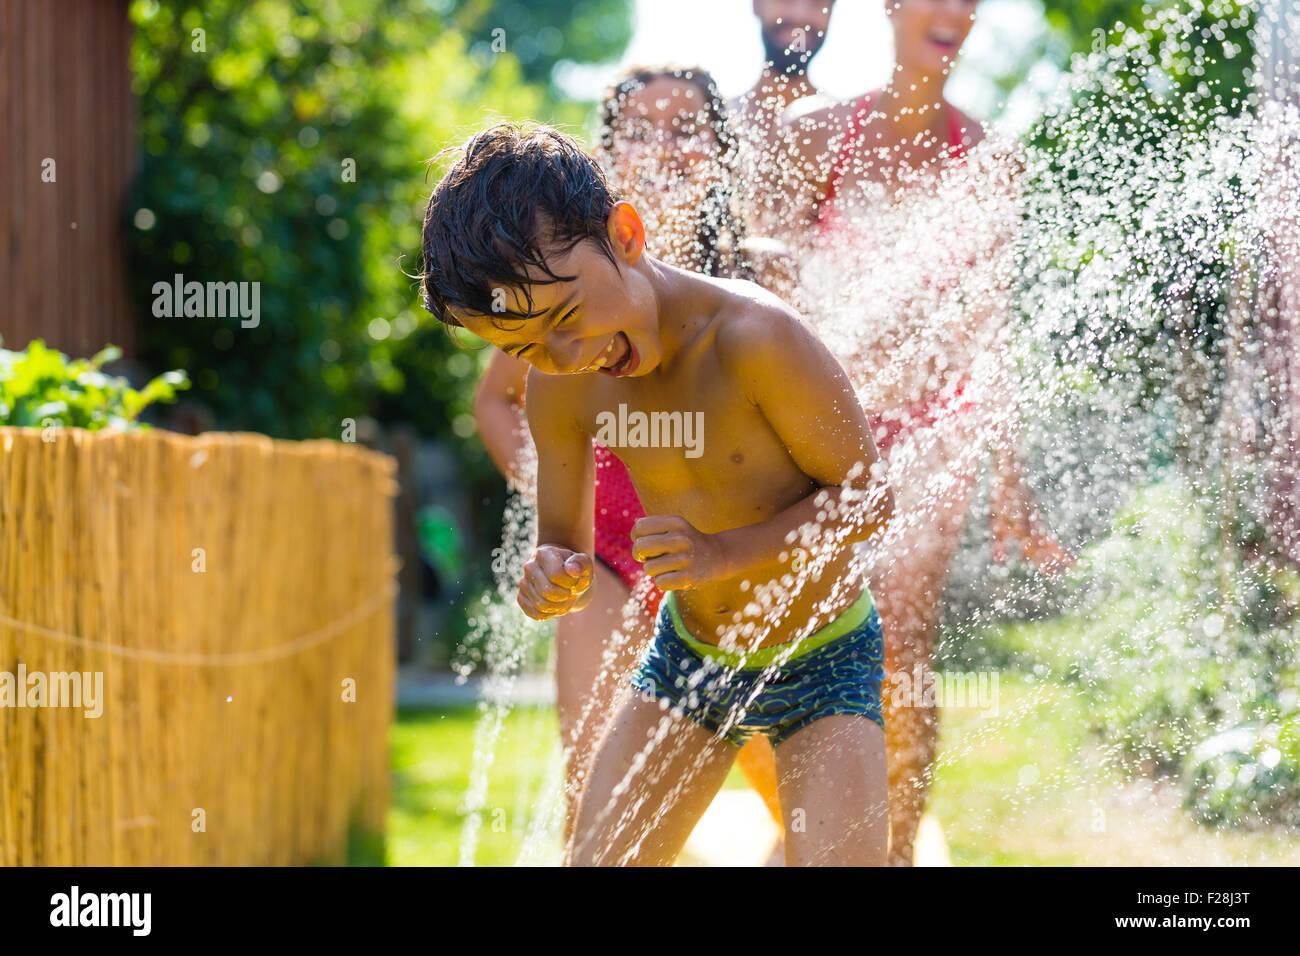 El enfriamiento de la familia con rociador en el jardín, un montón de agua salpicando alrededor Imagen De Stock